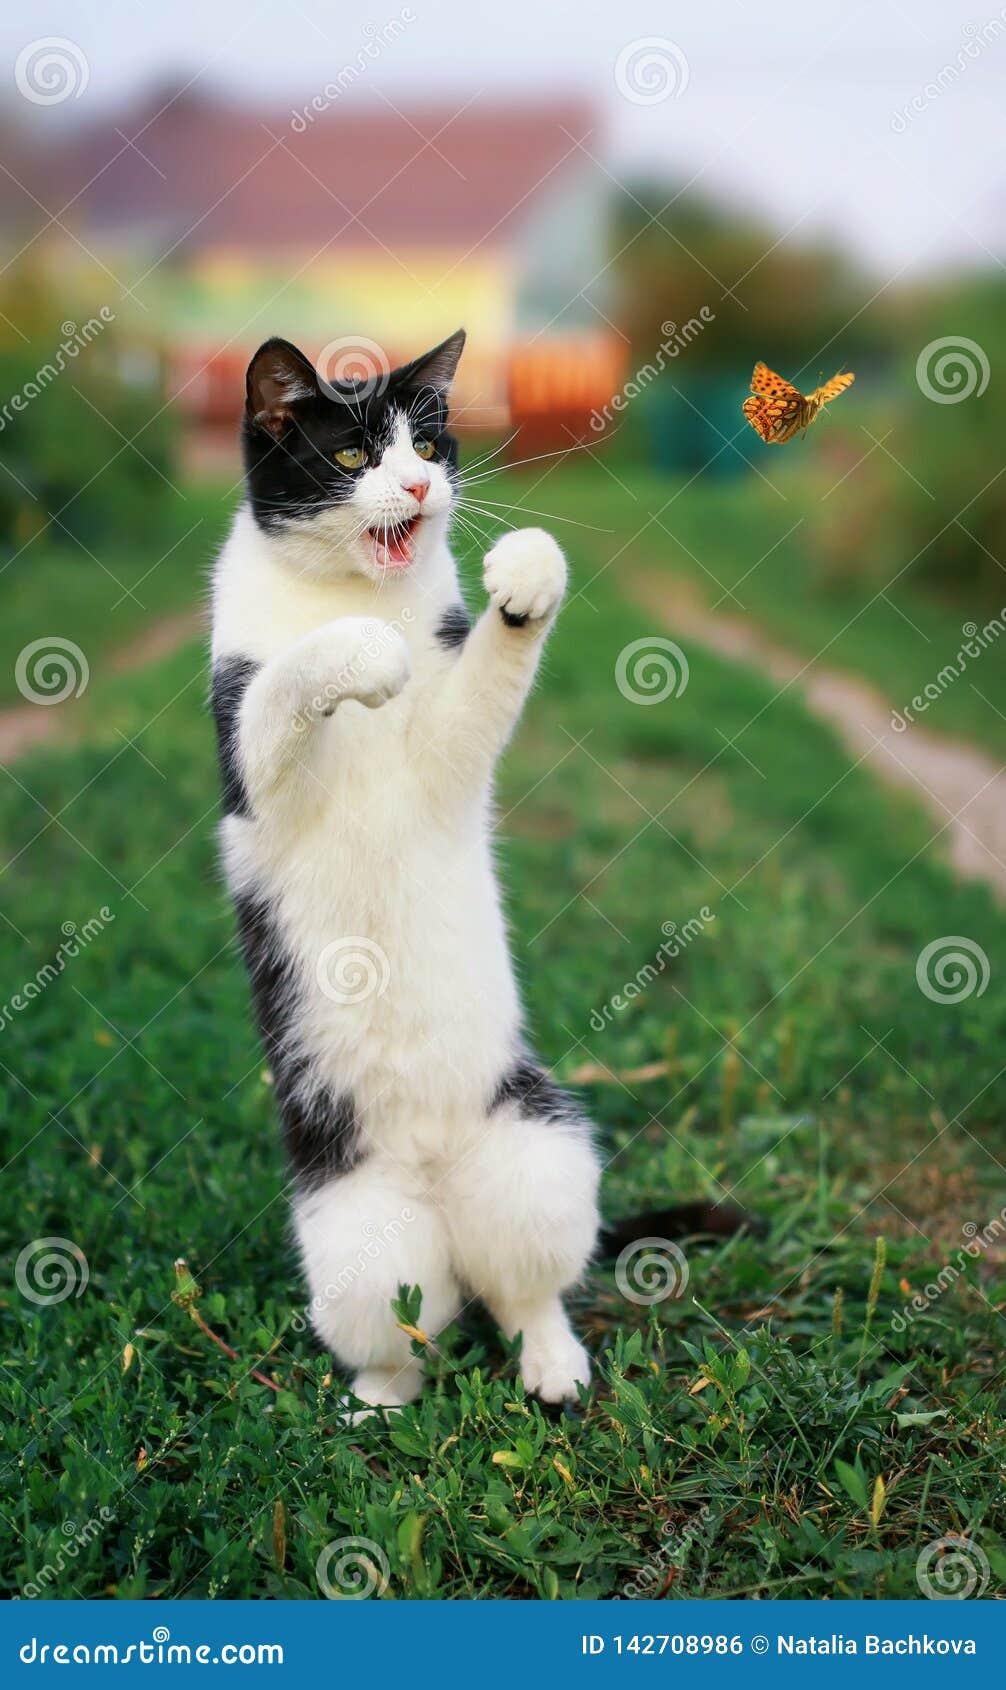 Den roliga kattungen i en solig trädgård för sommar fångar en orange fjäril för flyga som hoppar på dess bakre ben i klart väder